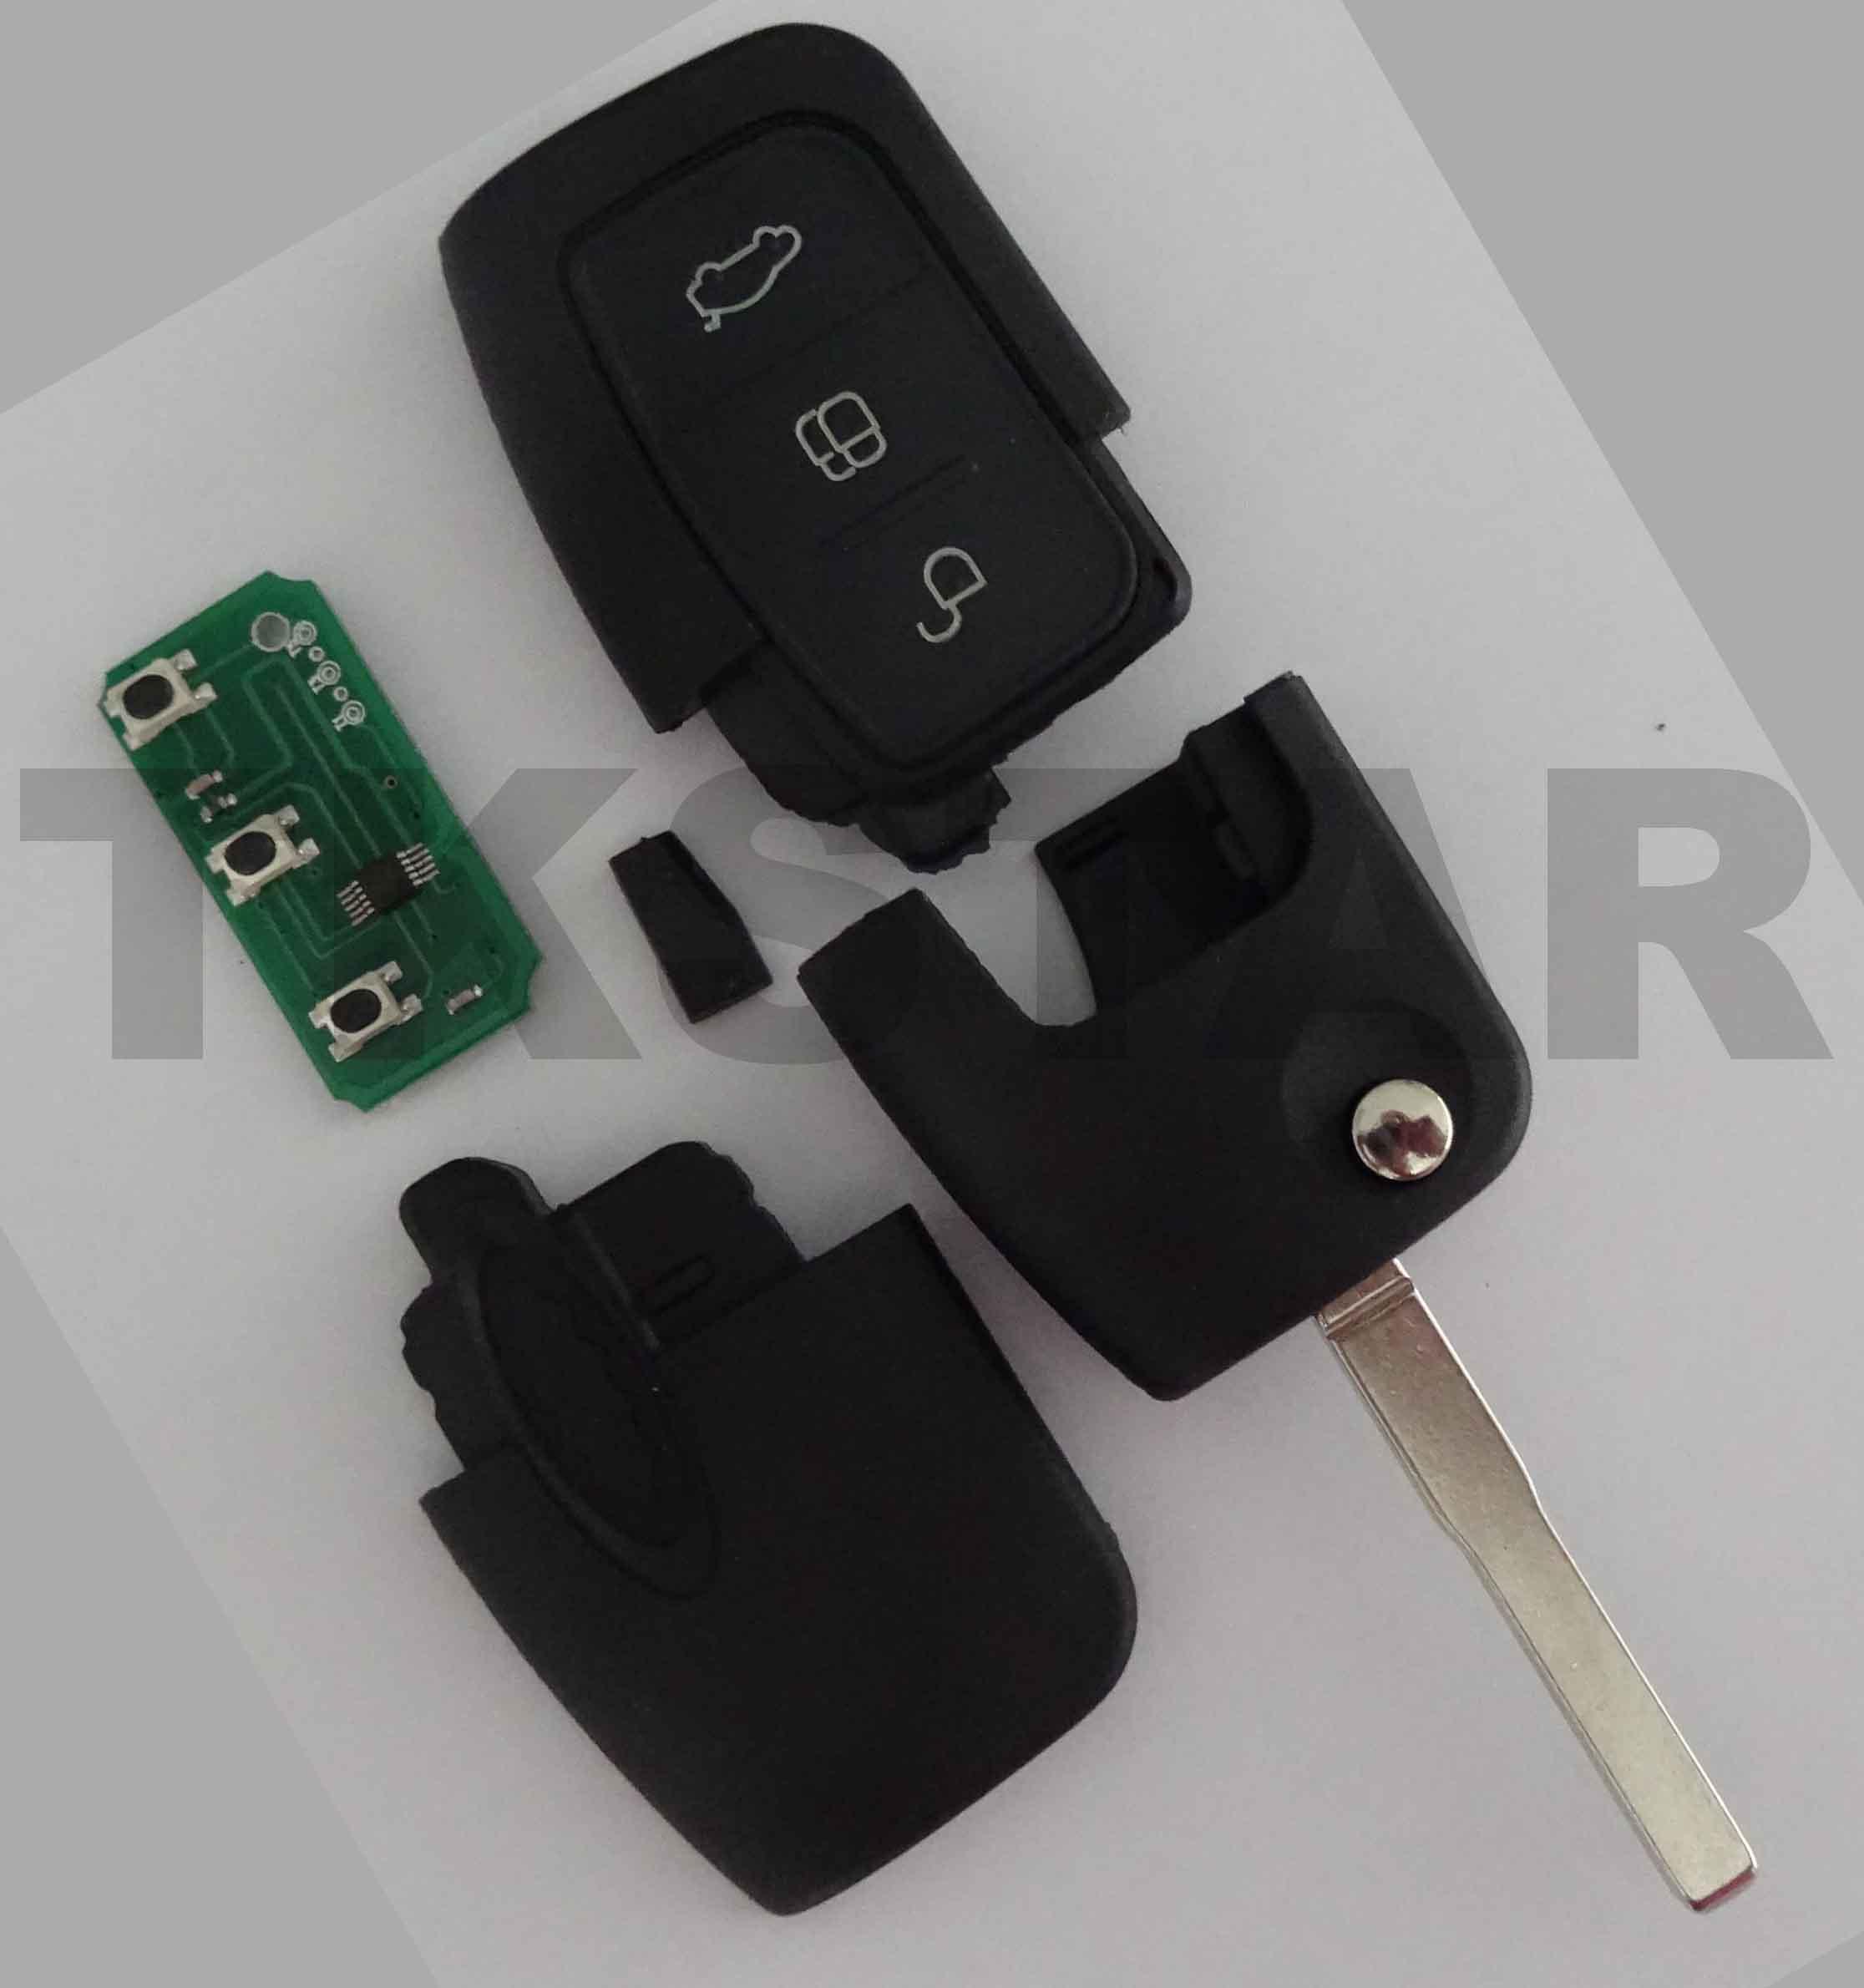 Schlüssel 433 MH Ford Gehäuse 4D63 Sendeeinheit Fiesta Mondeo Focus Rohling FO21